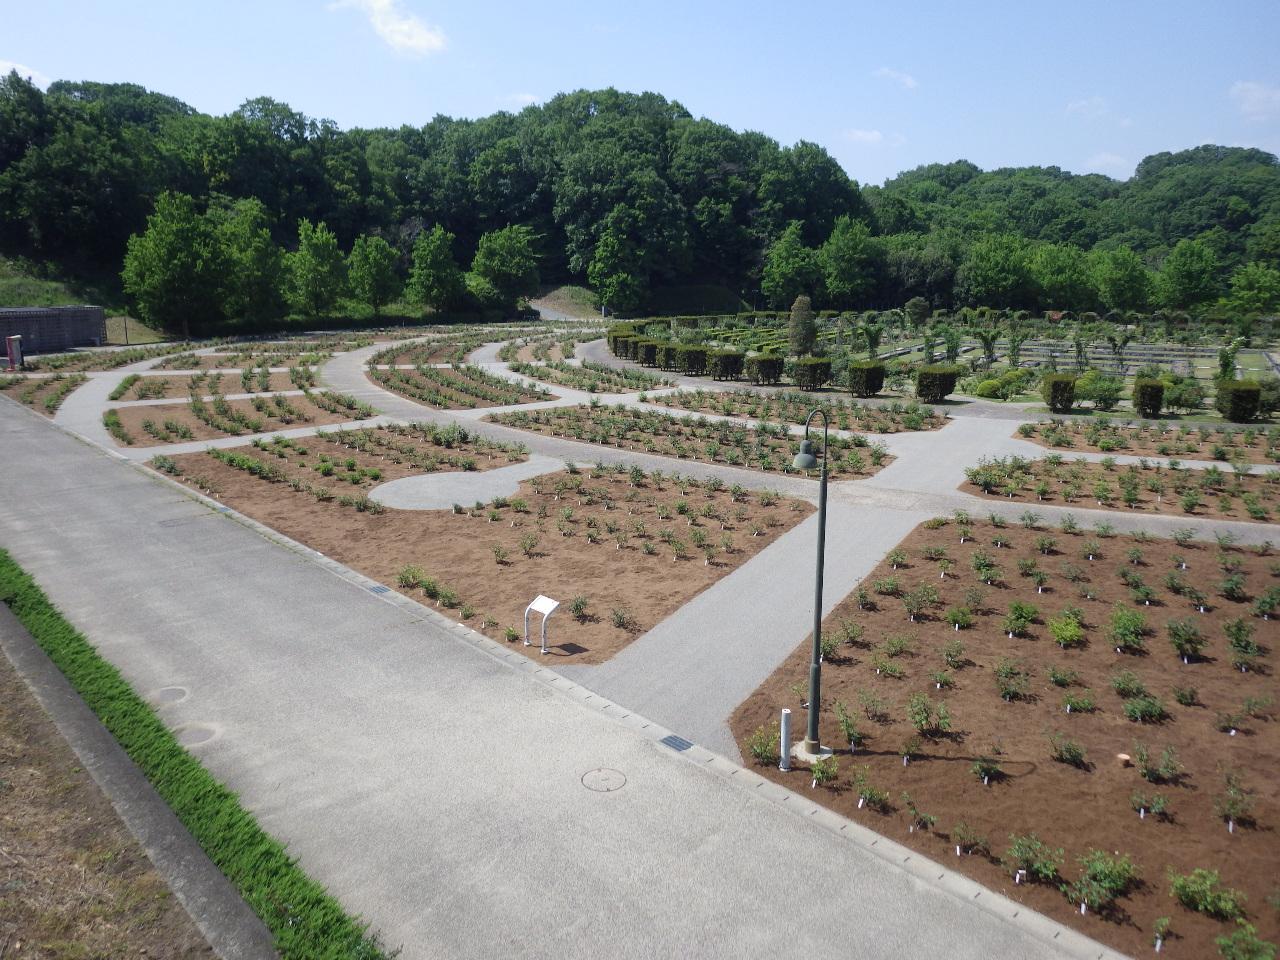 岐阜県 花フェスタ記念公園 バラ園土壌改良工事